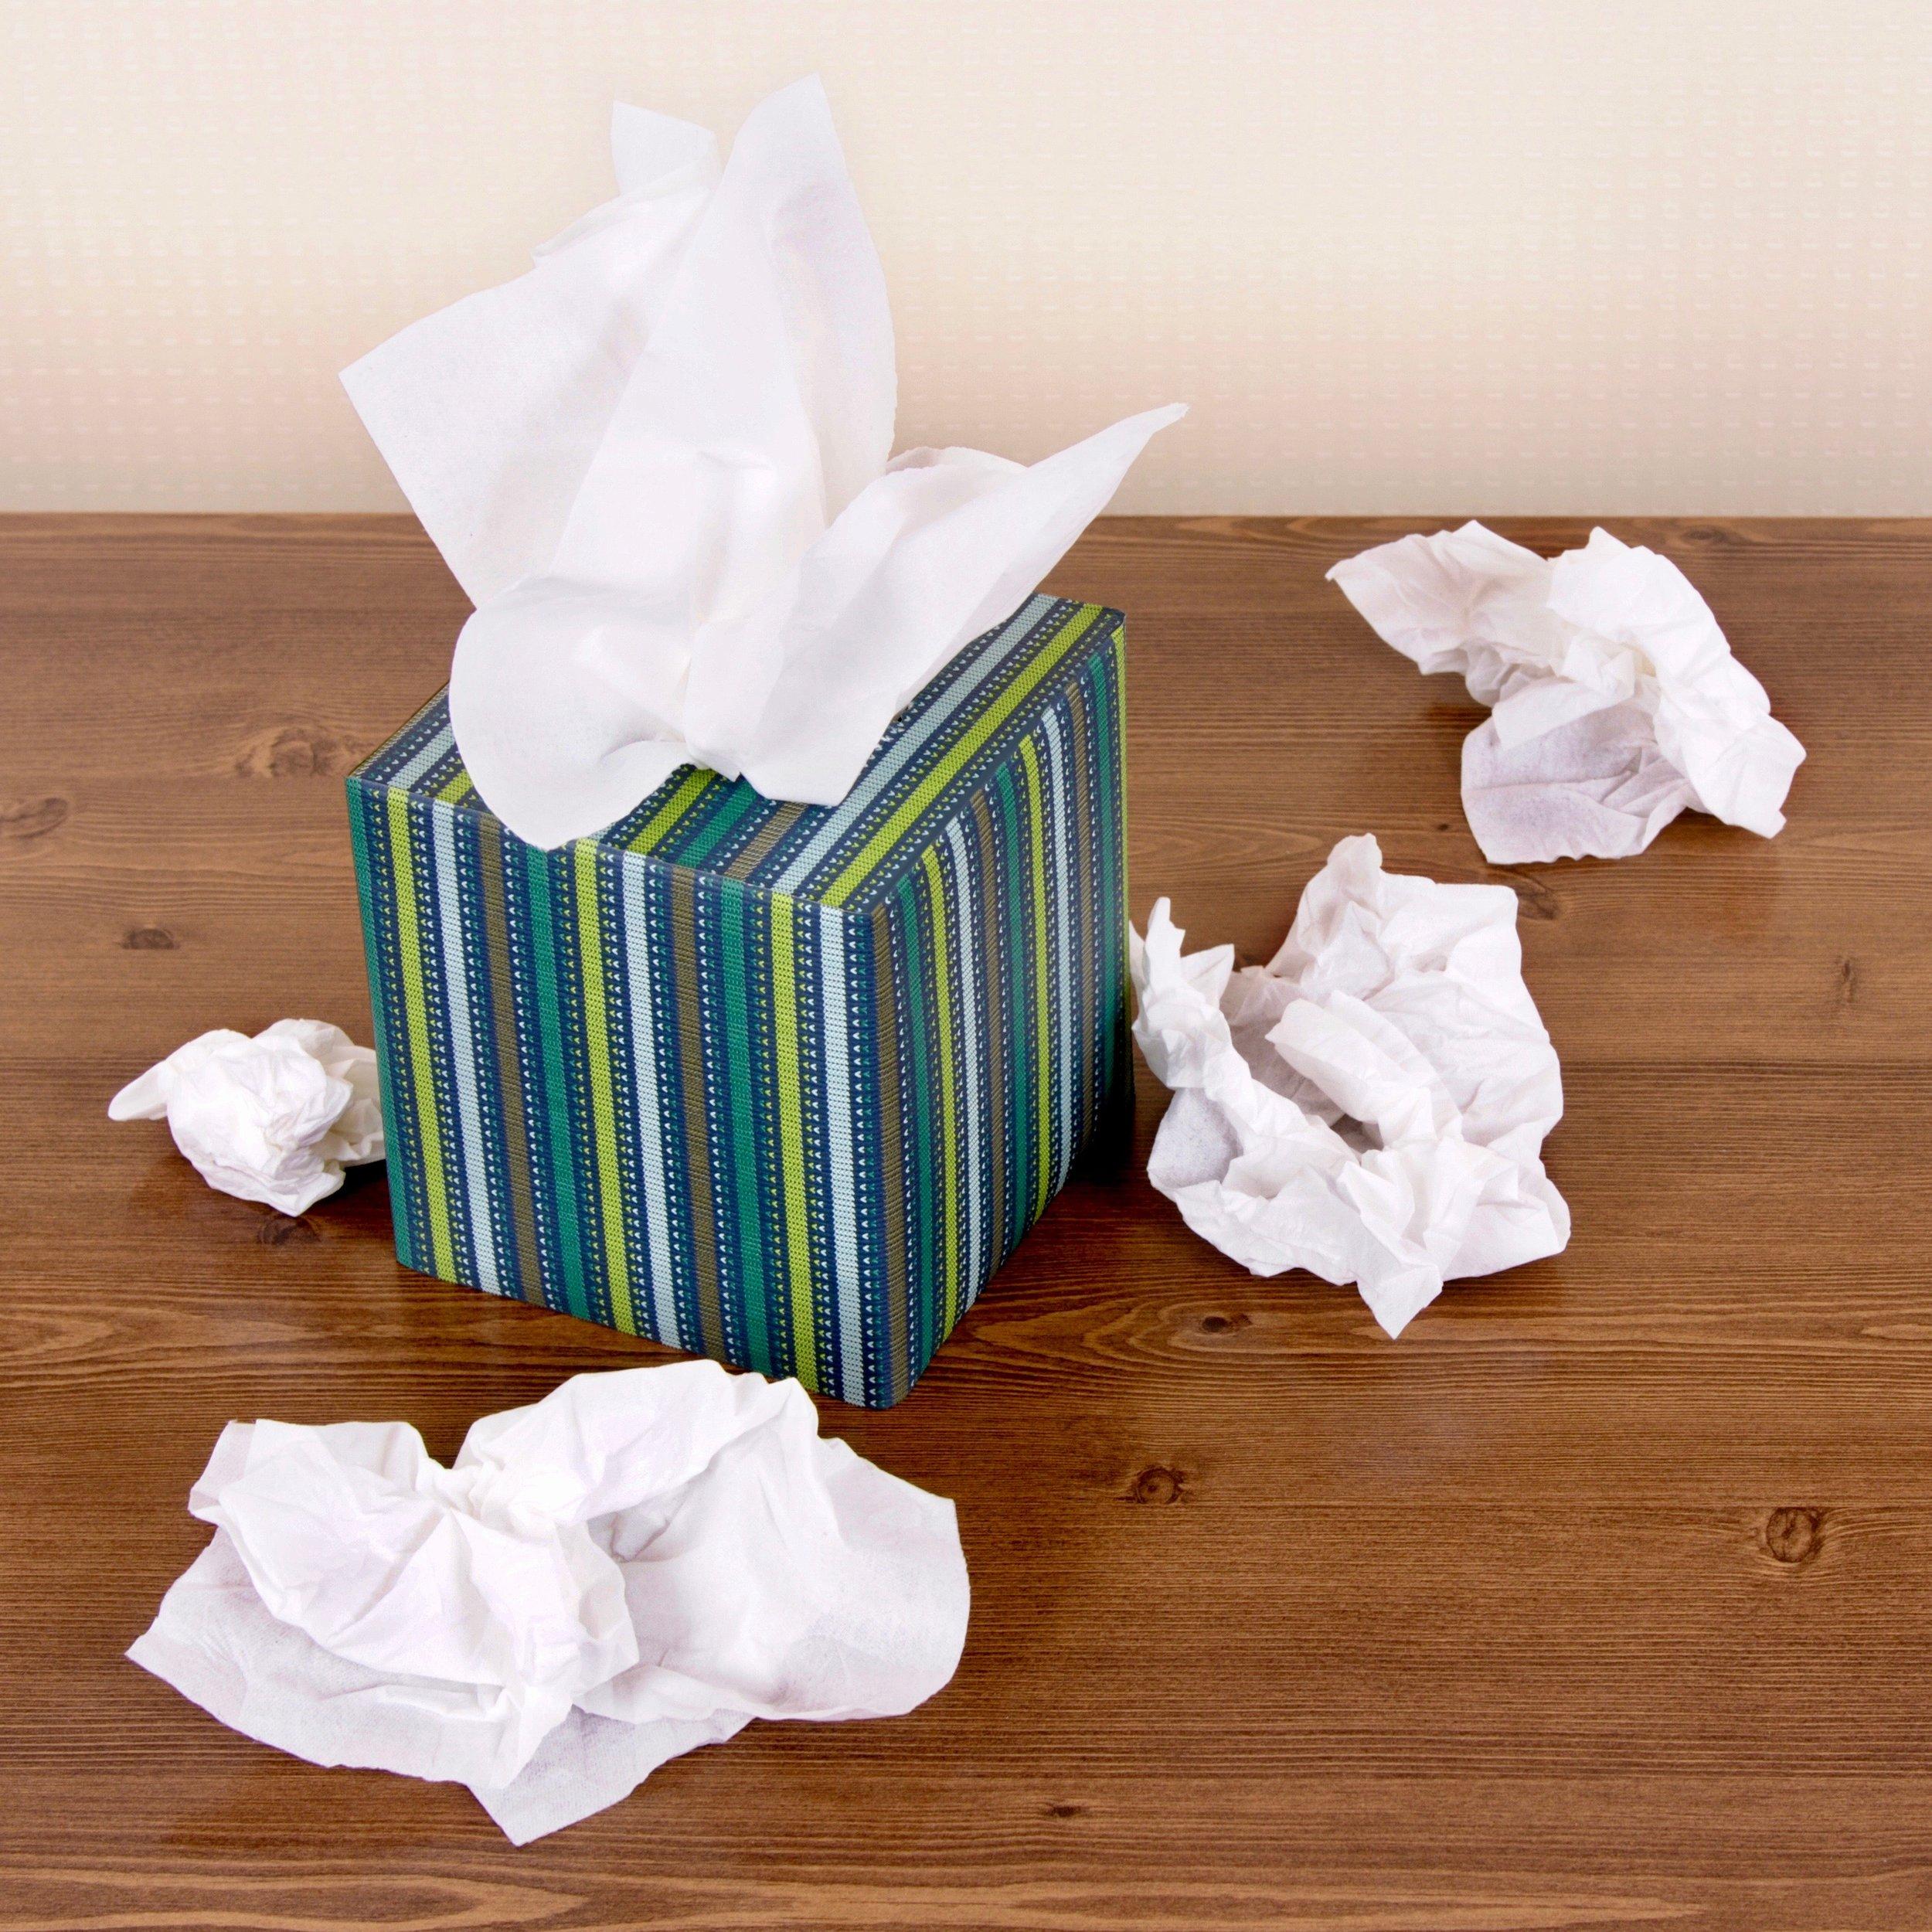 bigstock-Box-Of-Tissues-82330832.jpeg